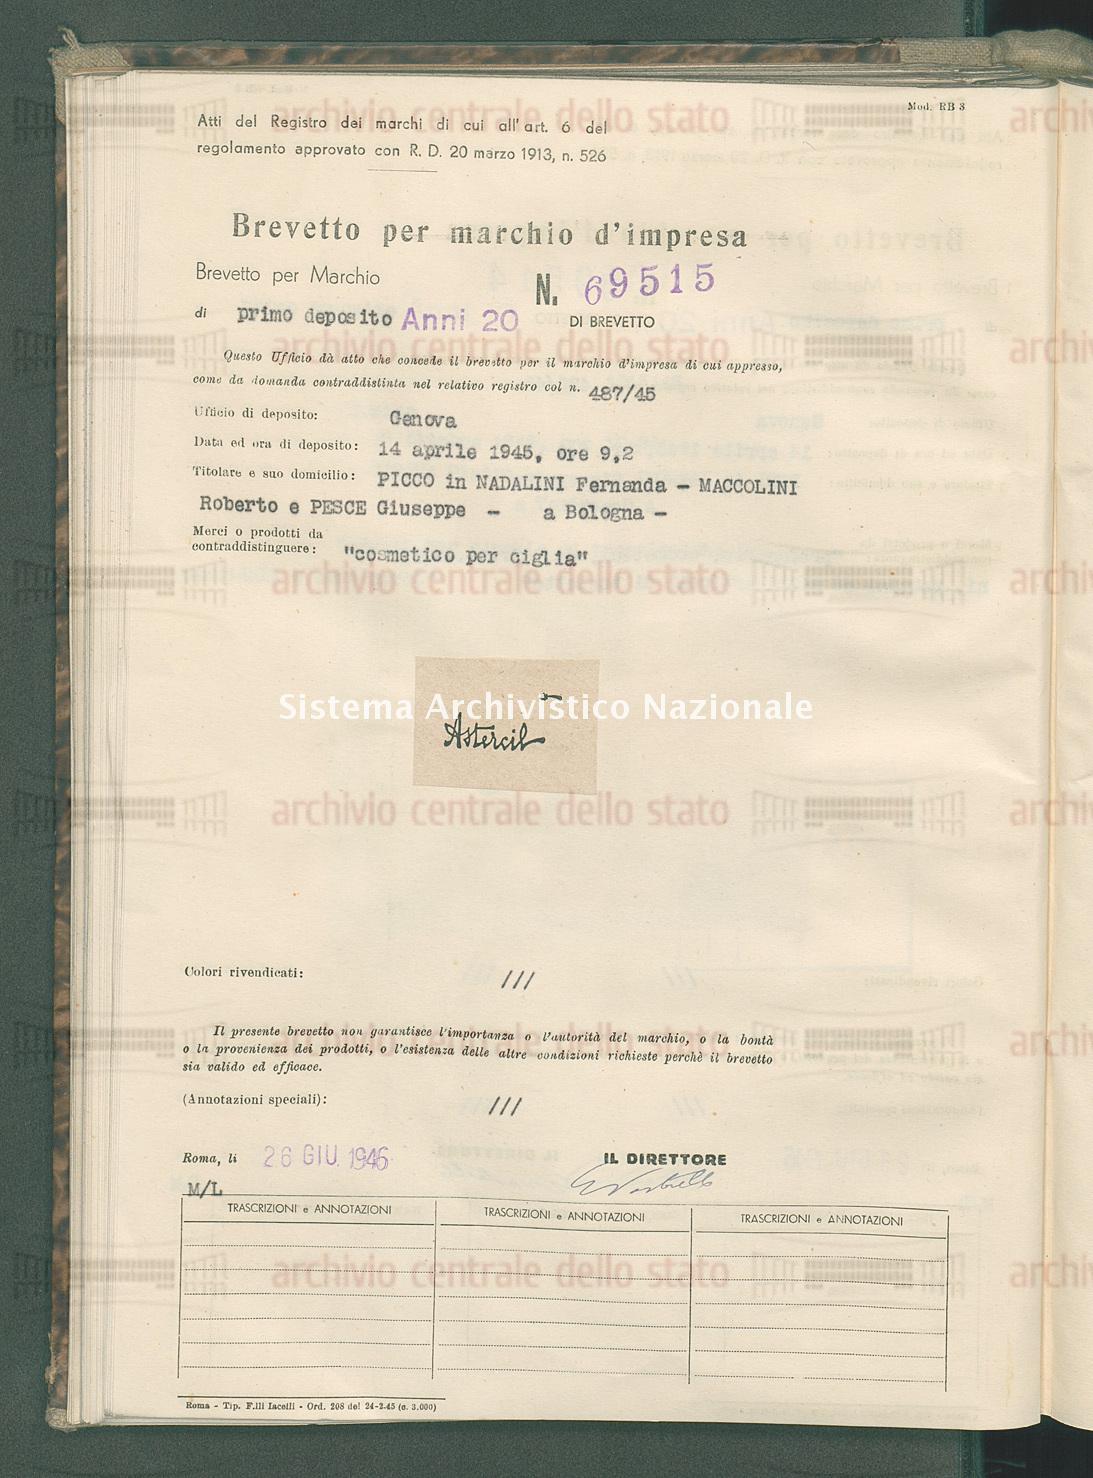 'Cosmetico per ciglia' Picco In Nadalini Fernanda - Maccolini Roberto E Pesce Giuseppe (26/06/1946)